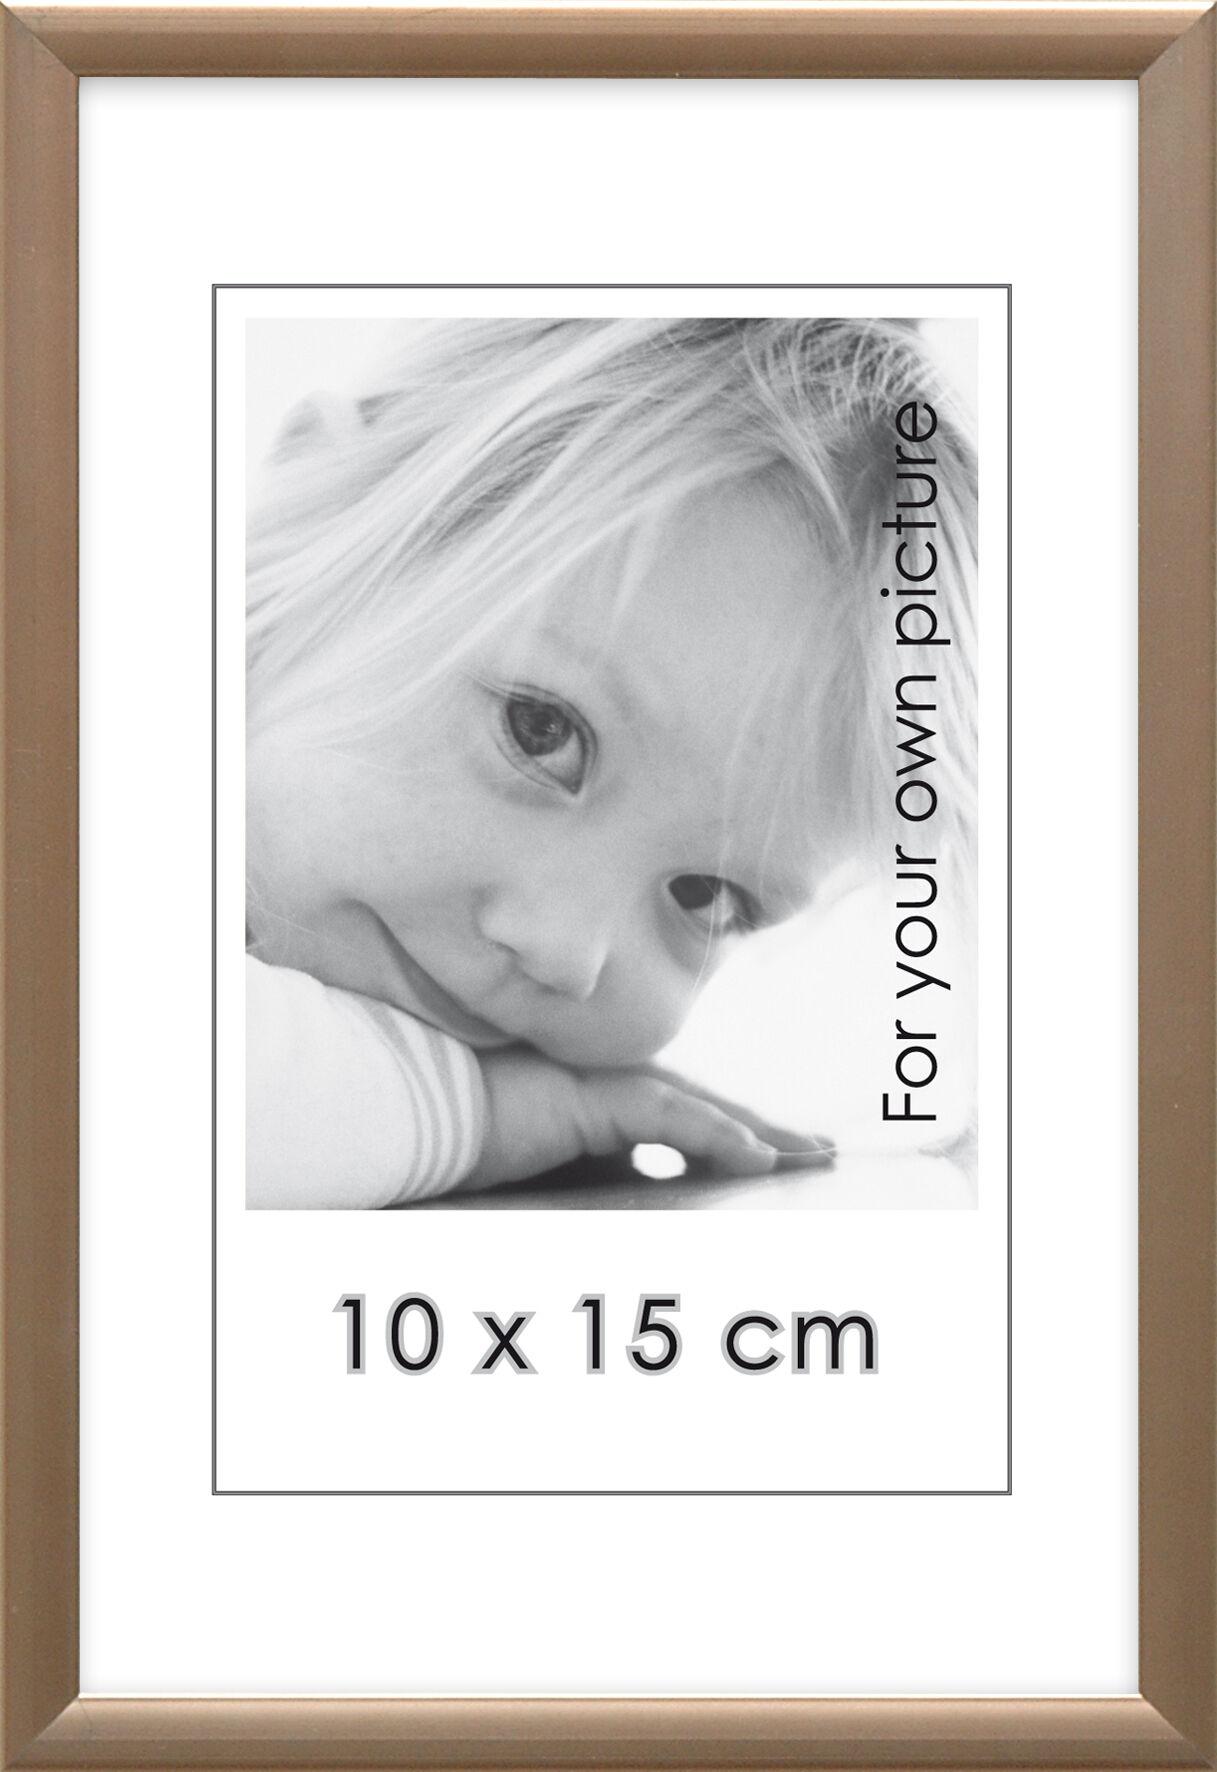 Artlink Åland Matta Pronssinvärinen 13x18 cm